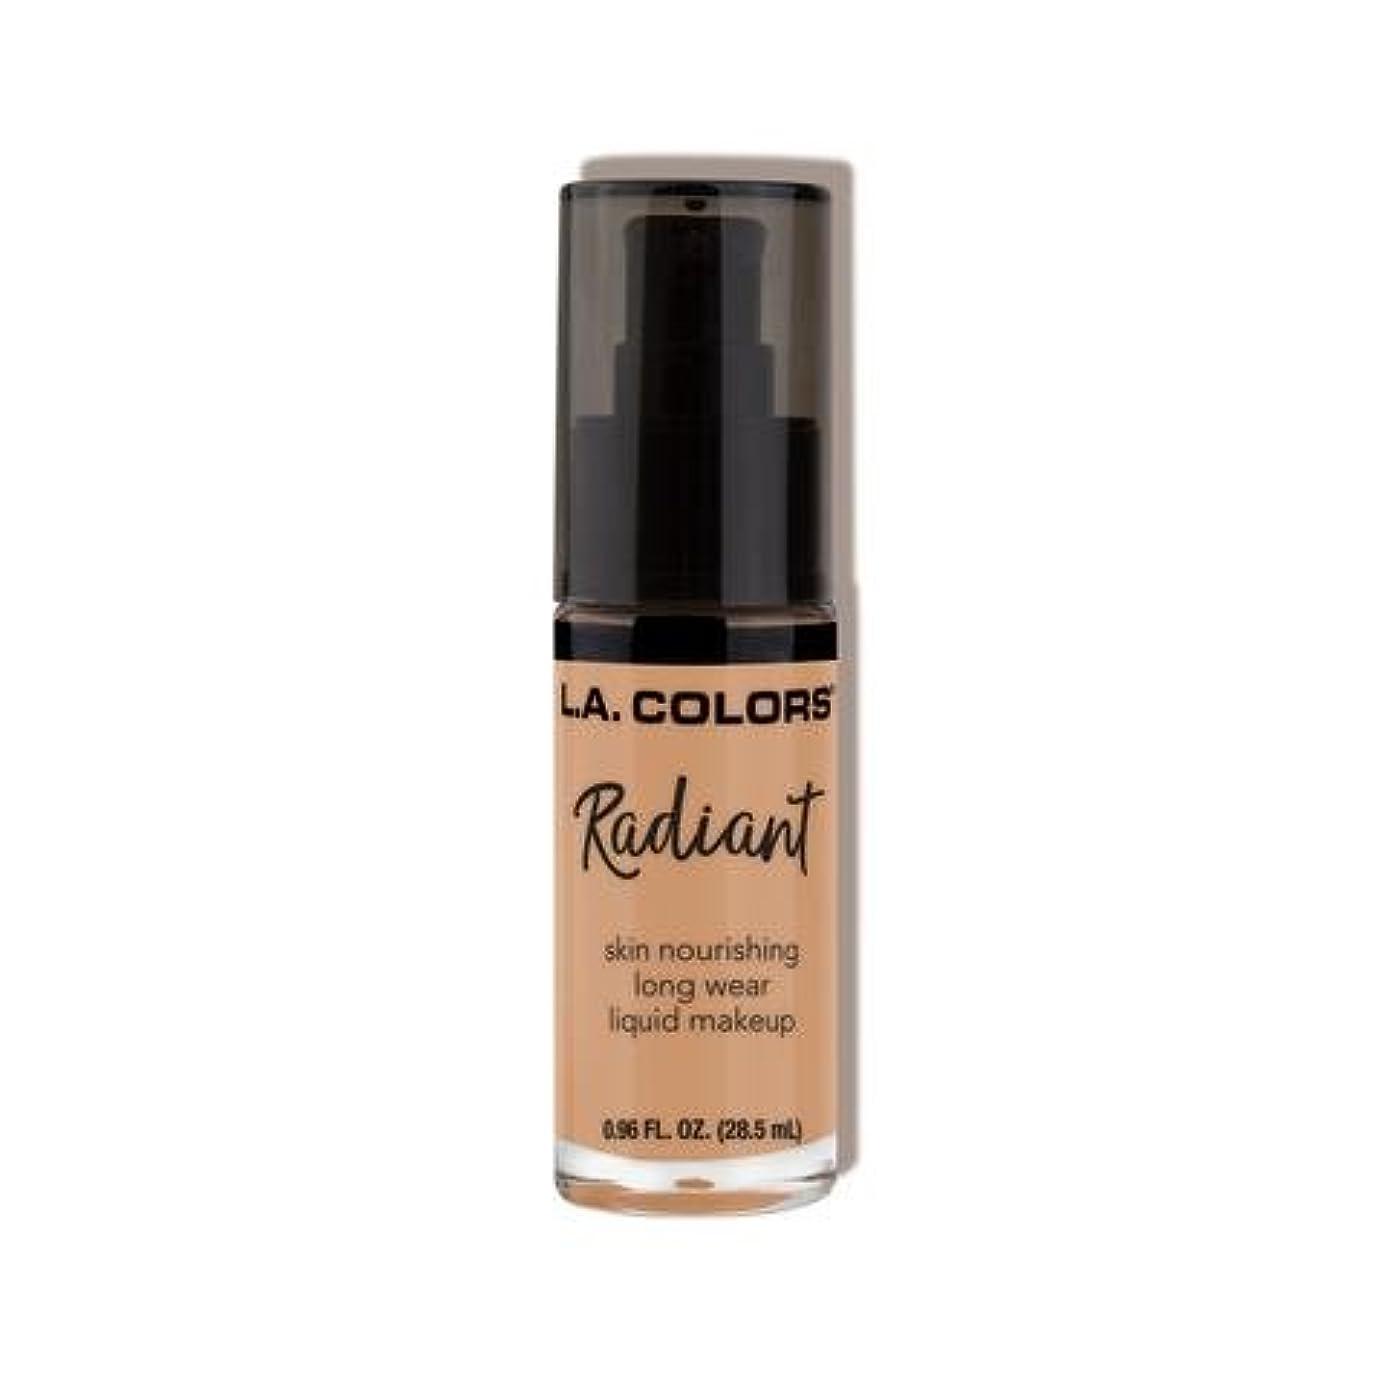 鬼ごっこ宇宙飛行士ドライブ(6 Pack) L.A. COLORS Radiant Liquid Makeup - Light Tan (並行輸入品)